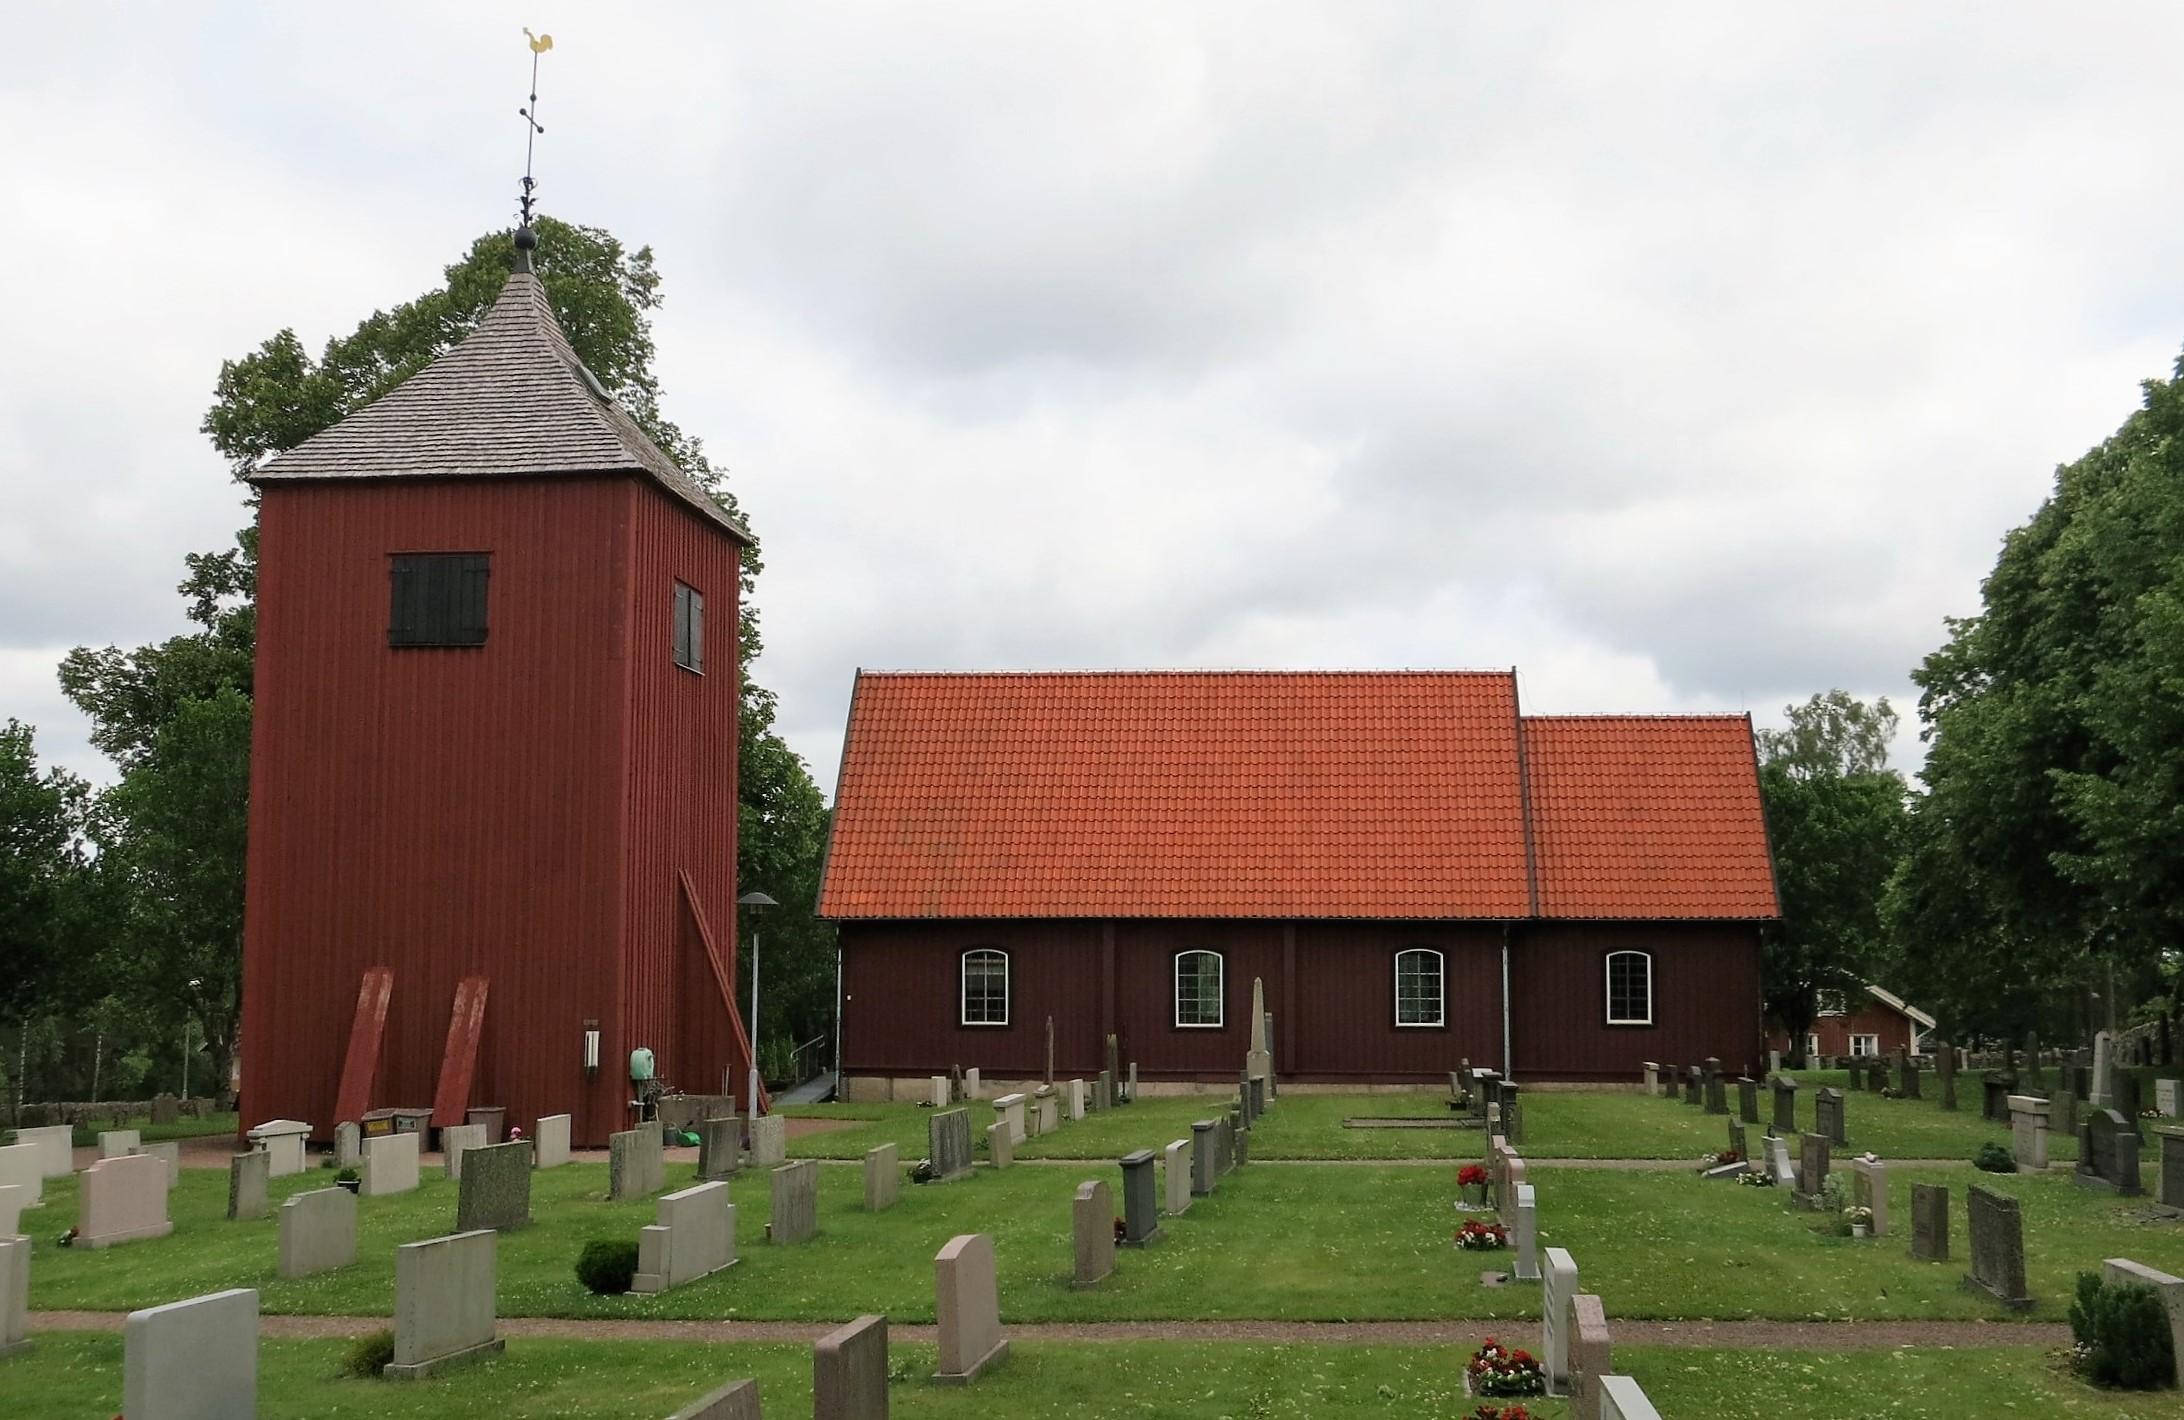 Skning: Norra Hestra Kyrkoarkiv - Riksarkivet - Search the